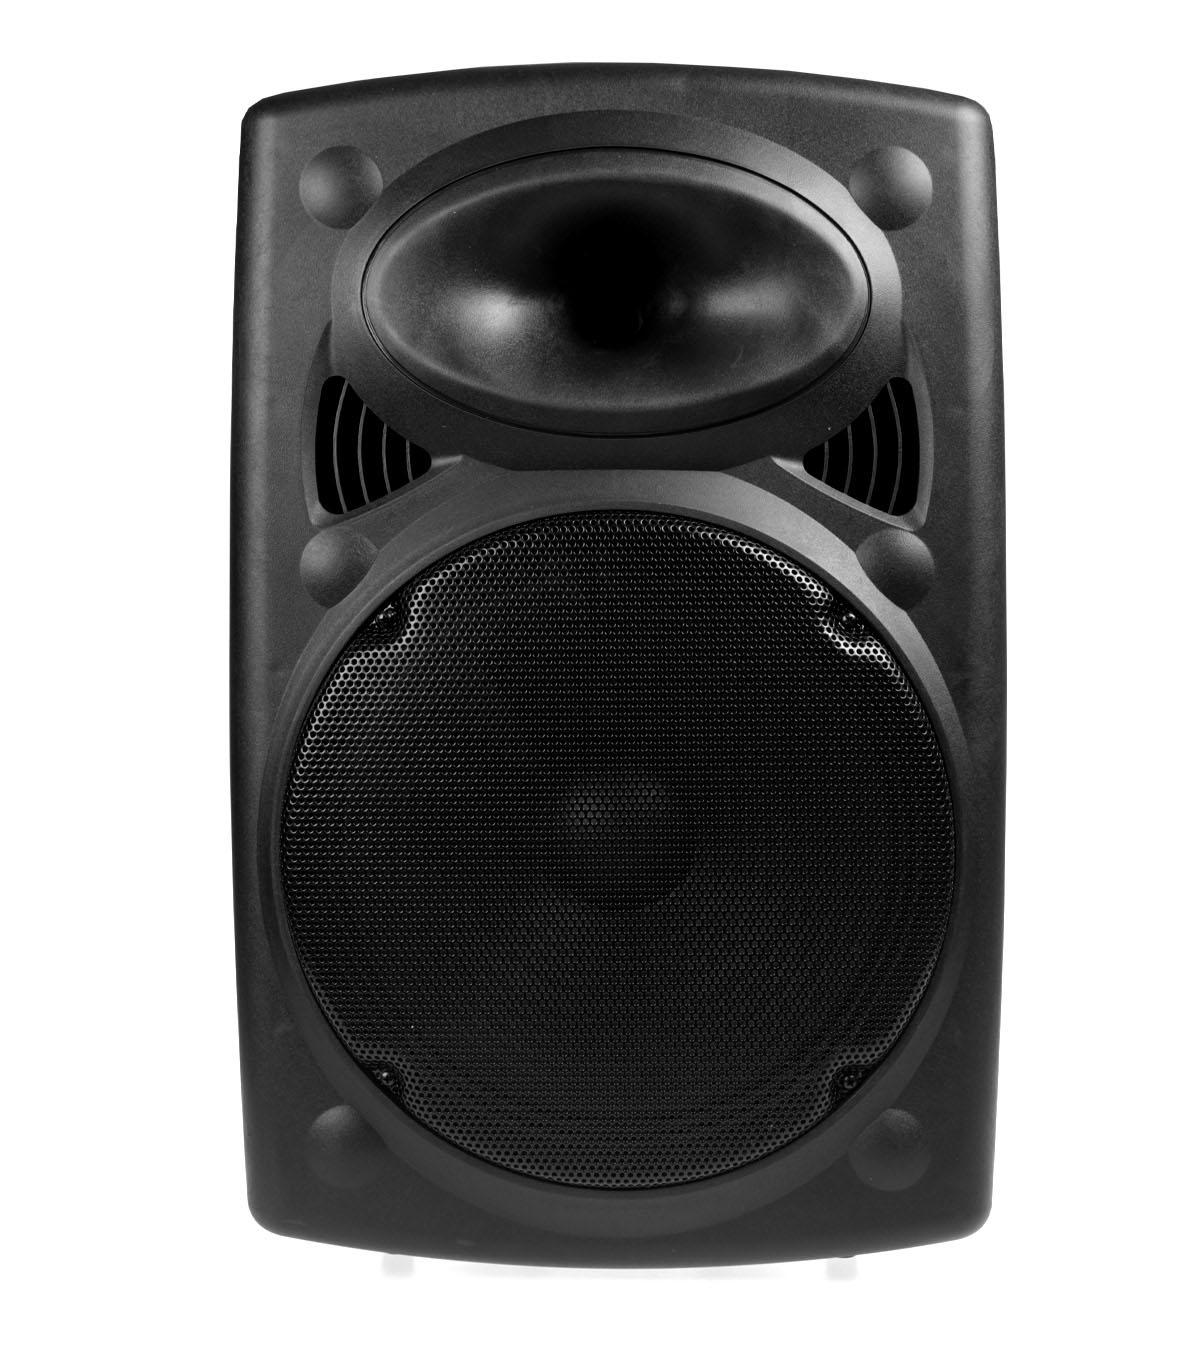 """Αυτο-Ενισχυόμενο Ηχείο 15"""" Με FM, Bluetooth, Είσοδο SD/USB/AUX, Ασύρματο Μικρόφωνο Και Είσοδο Κιθάρας - W-15 (Πληρωμή έως 12 δόσεις)"""